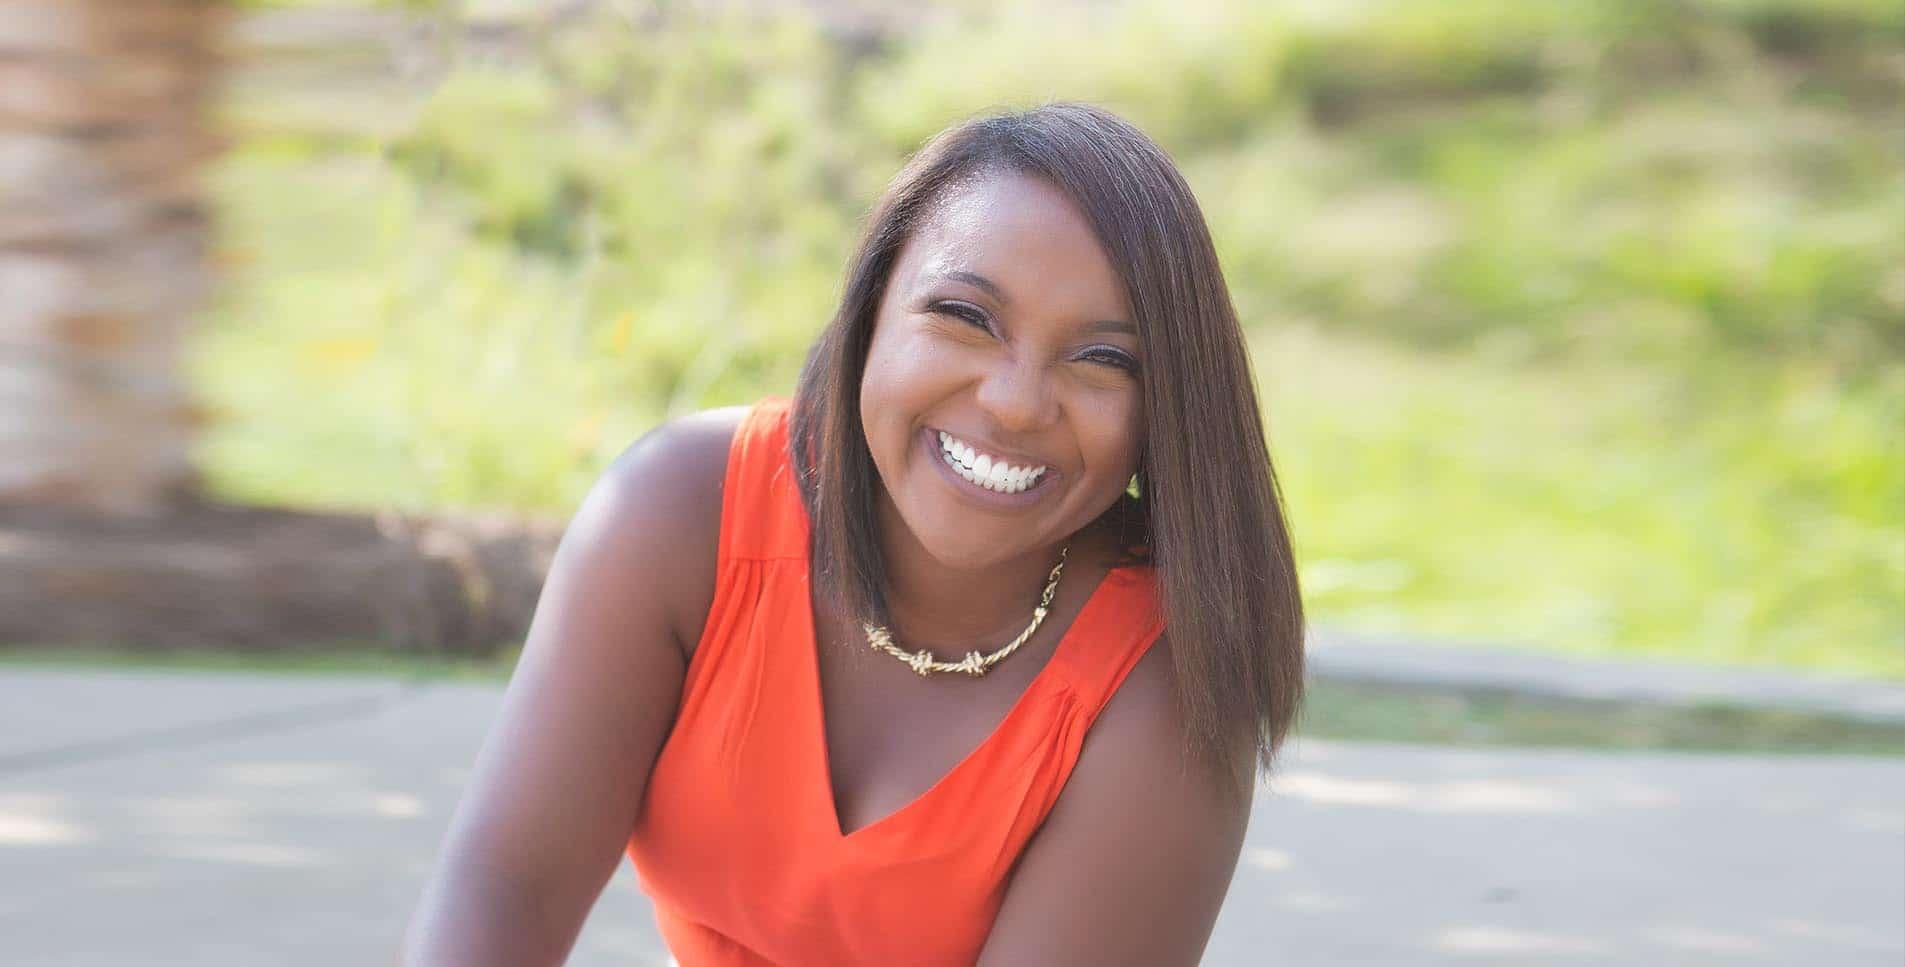 https://gravityspeakers.com/wp-content/uploads/Shontavia-Johnson-Empowering-Female-Entrepreneurship-for-a-Better-Tomorrow-Home.jpg